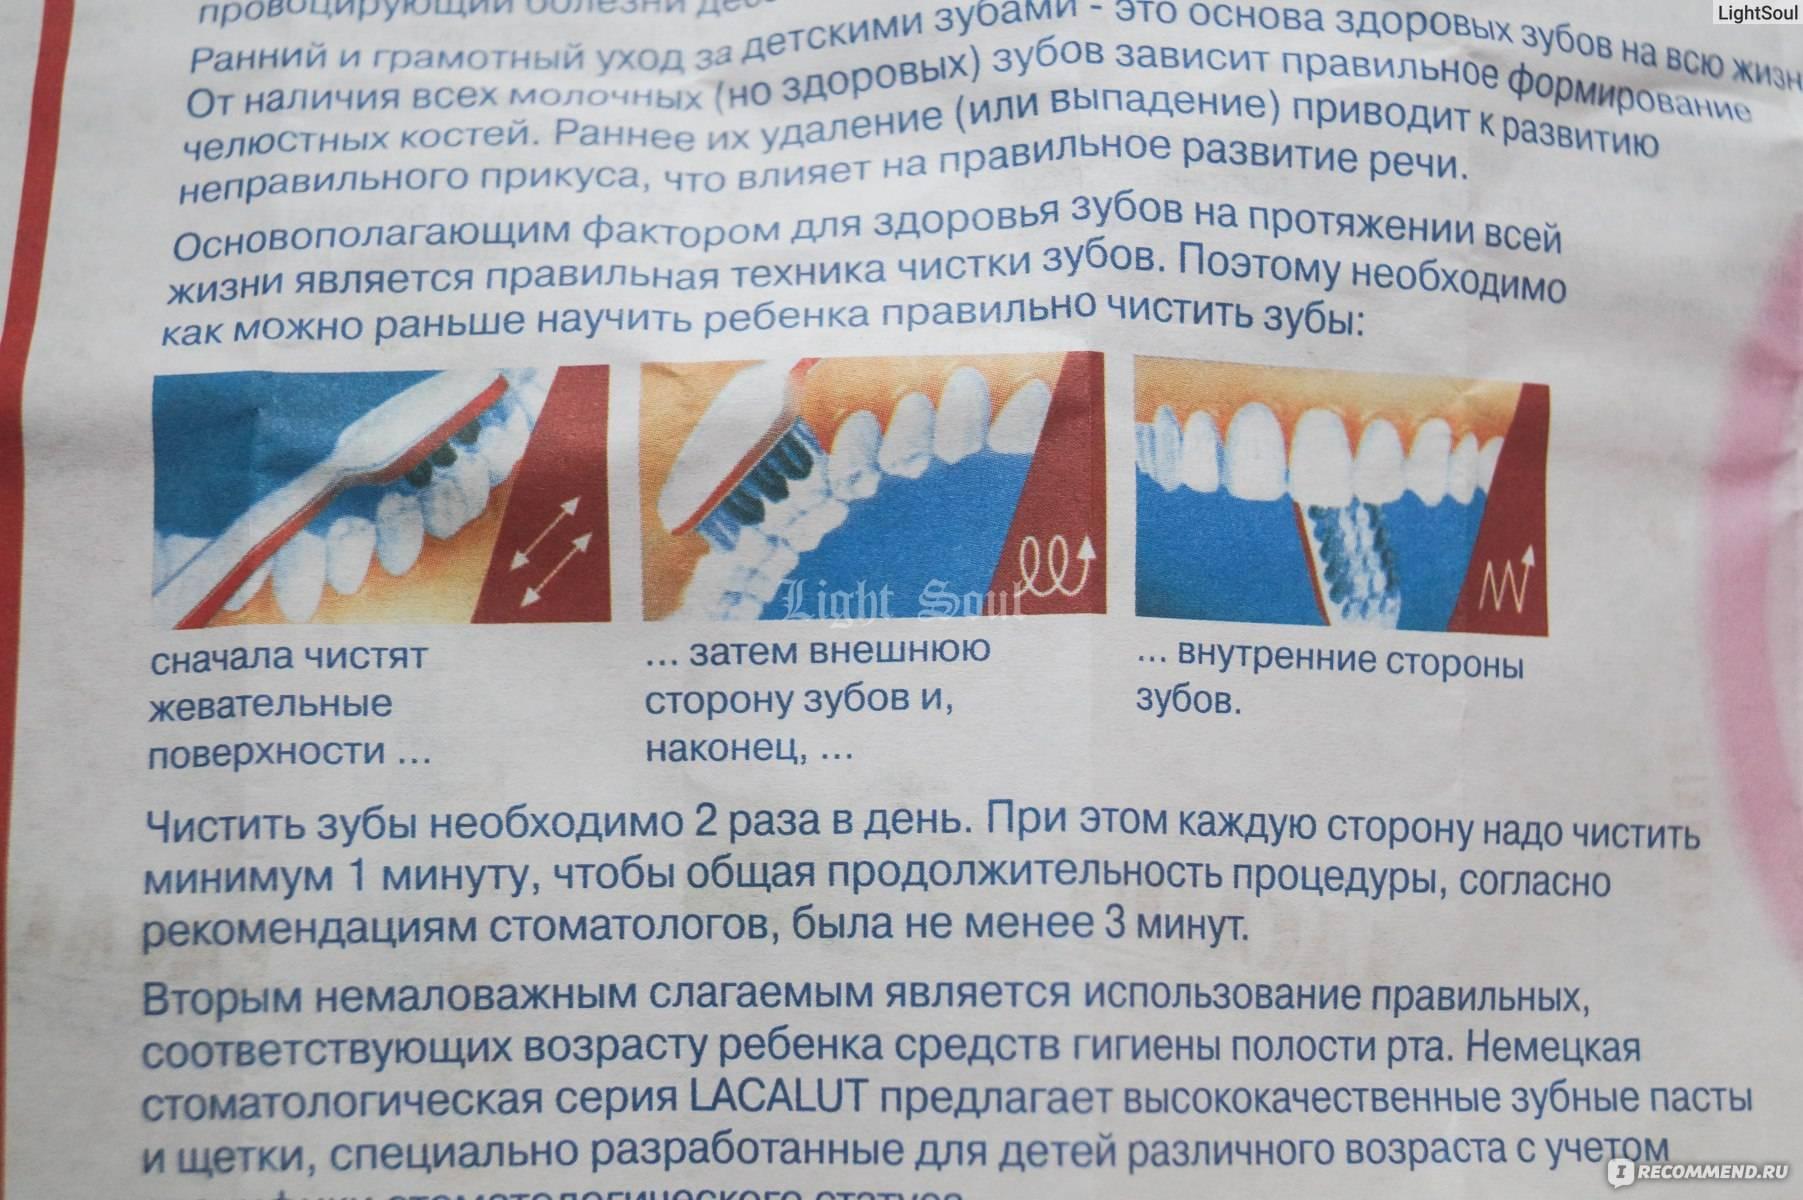 Какая польза и вред от зубного порошка?